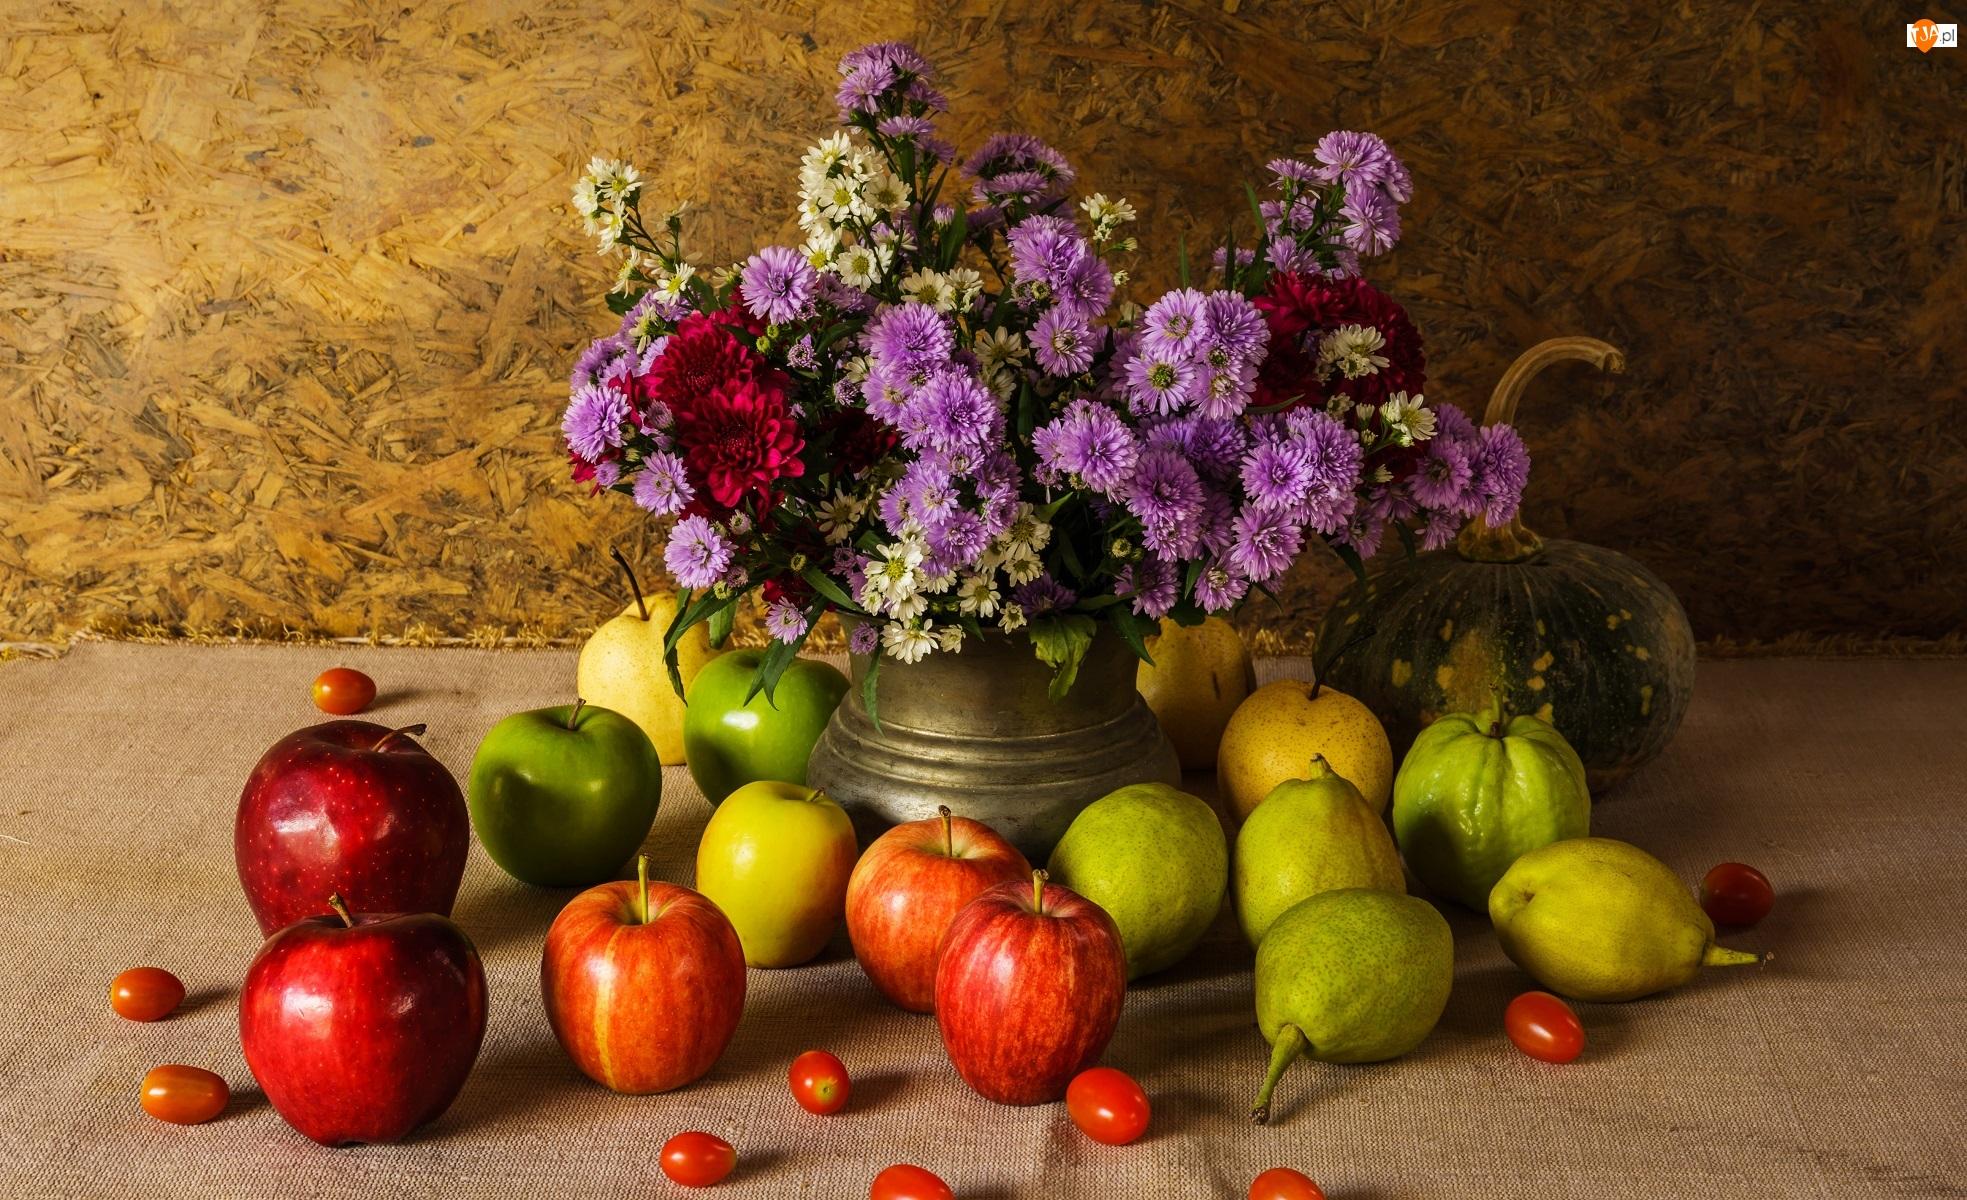 Dynia, Jabłka, Gruszki, Owoce, Wazon, Kompozycja, Kwiaty, Bukiet, Astry marcinki, Warzywa